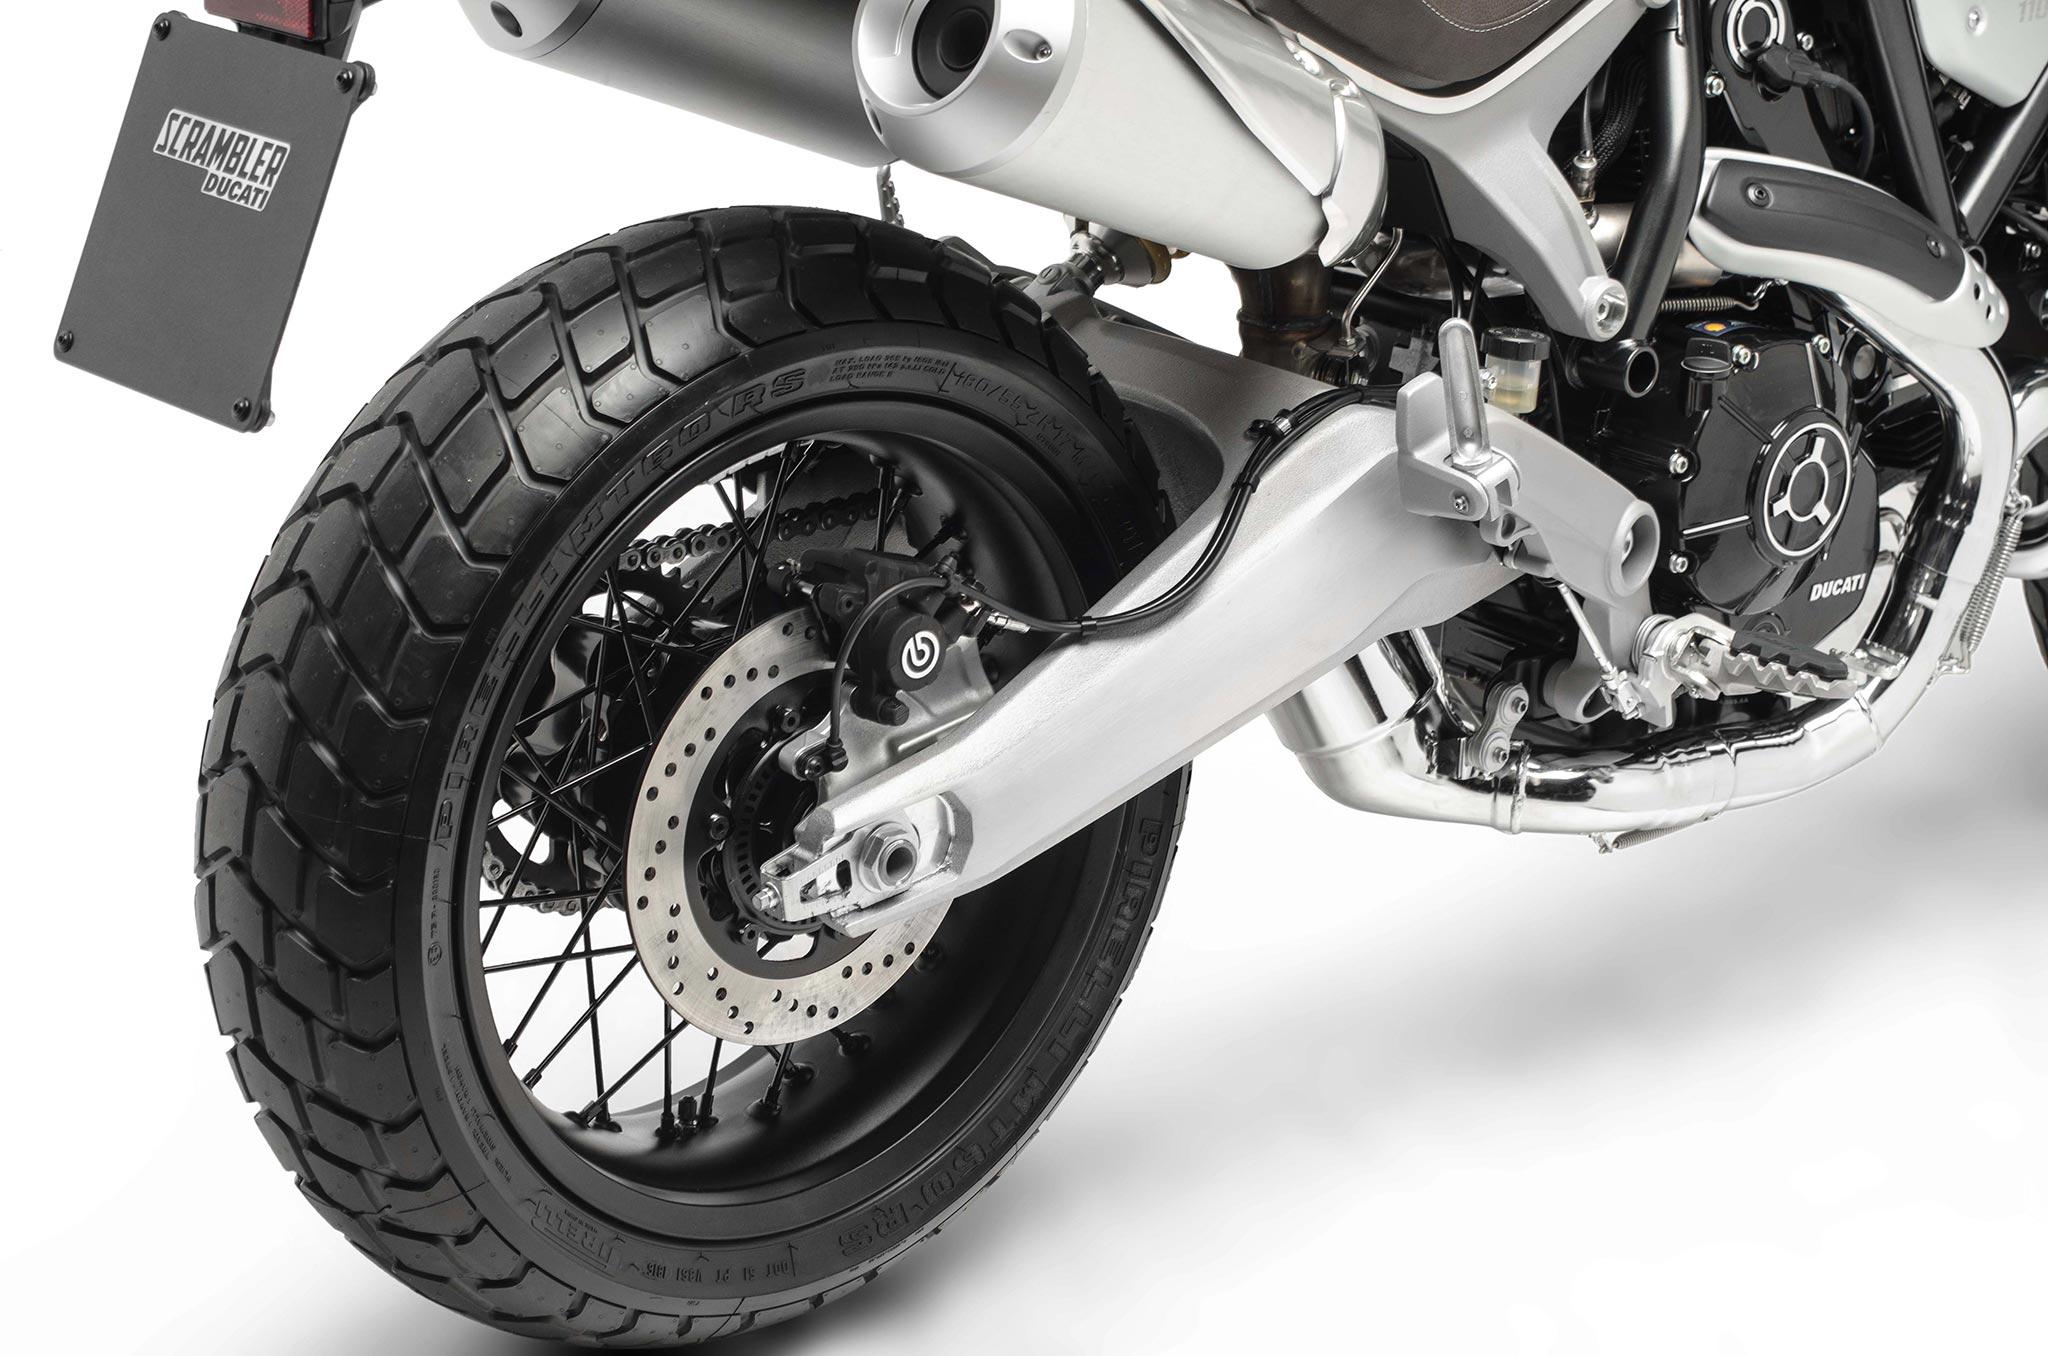 Ducati-Scrambler-1100-2018-tai-An-Do-gia-re-hon-Viet-Nam-74-trieu-dong-anh-7